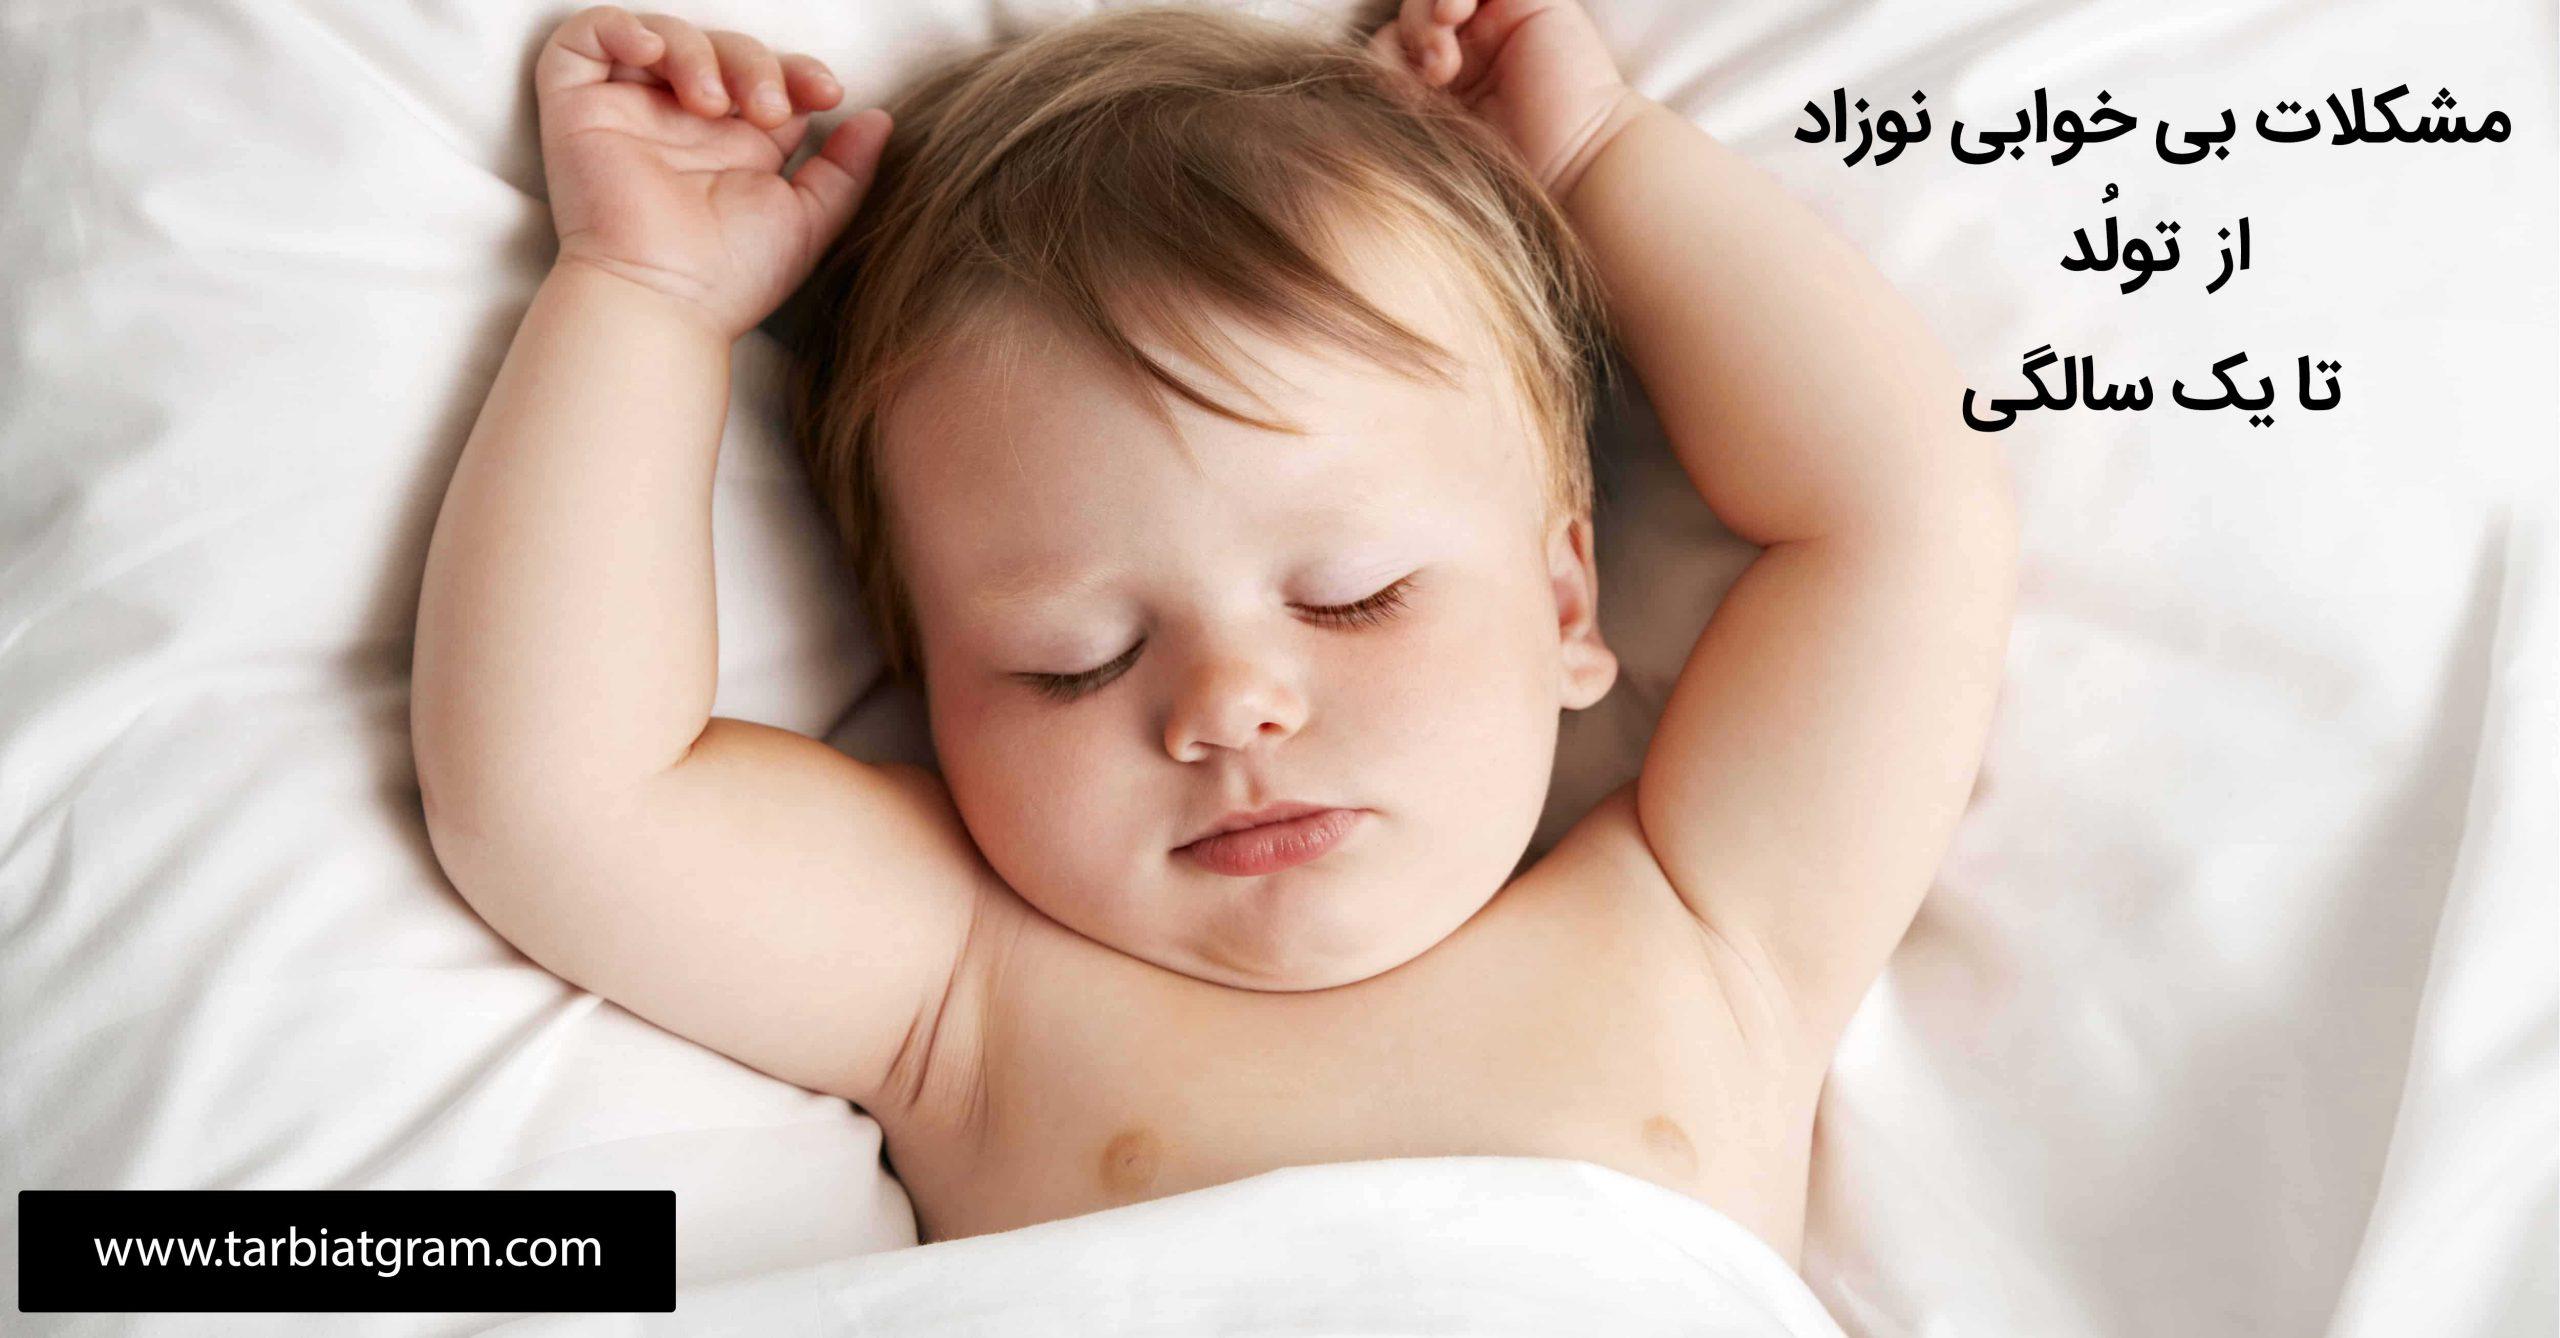 بی خوابی نوزاد از تولد تا یکسالگی